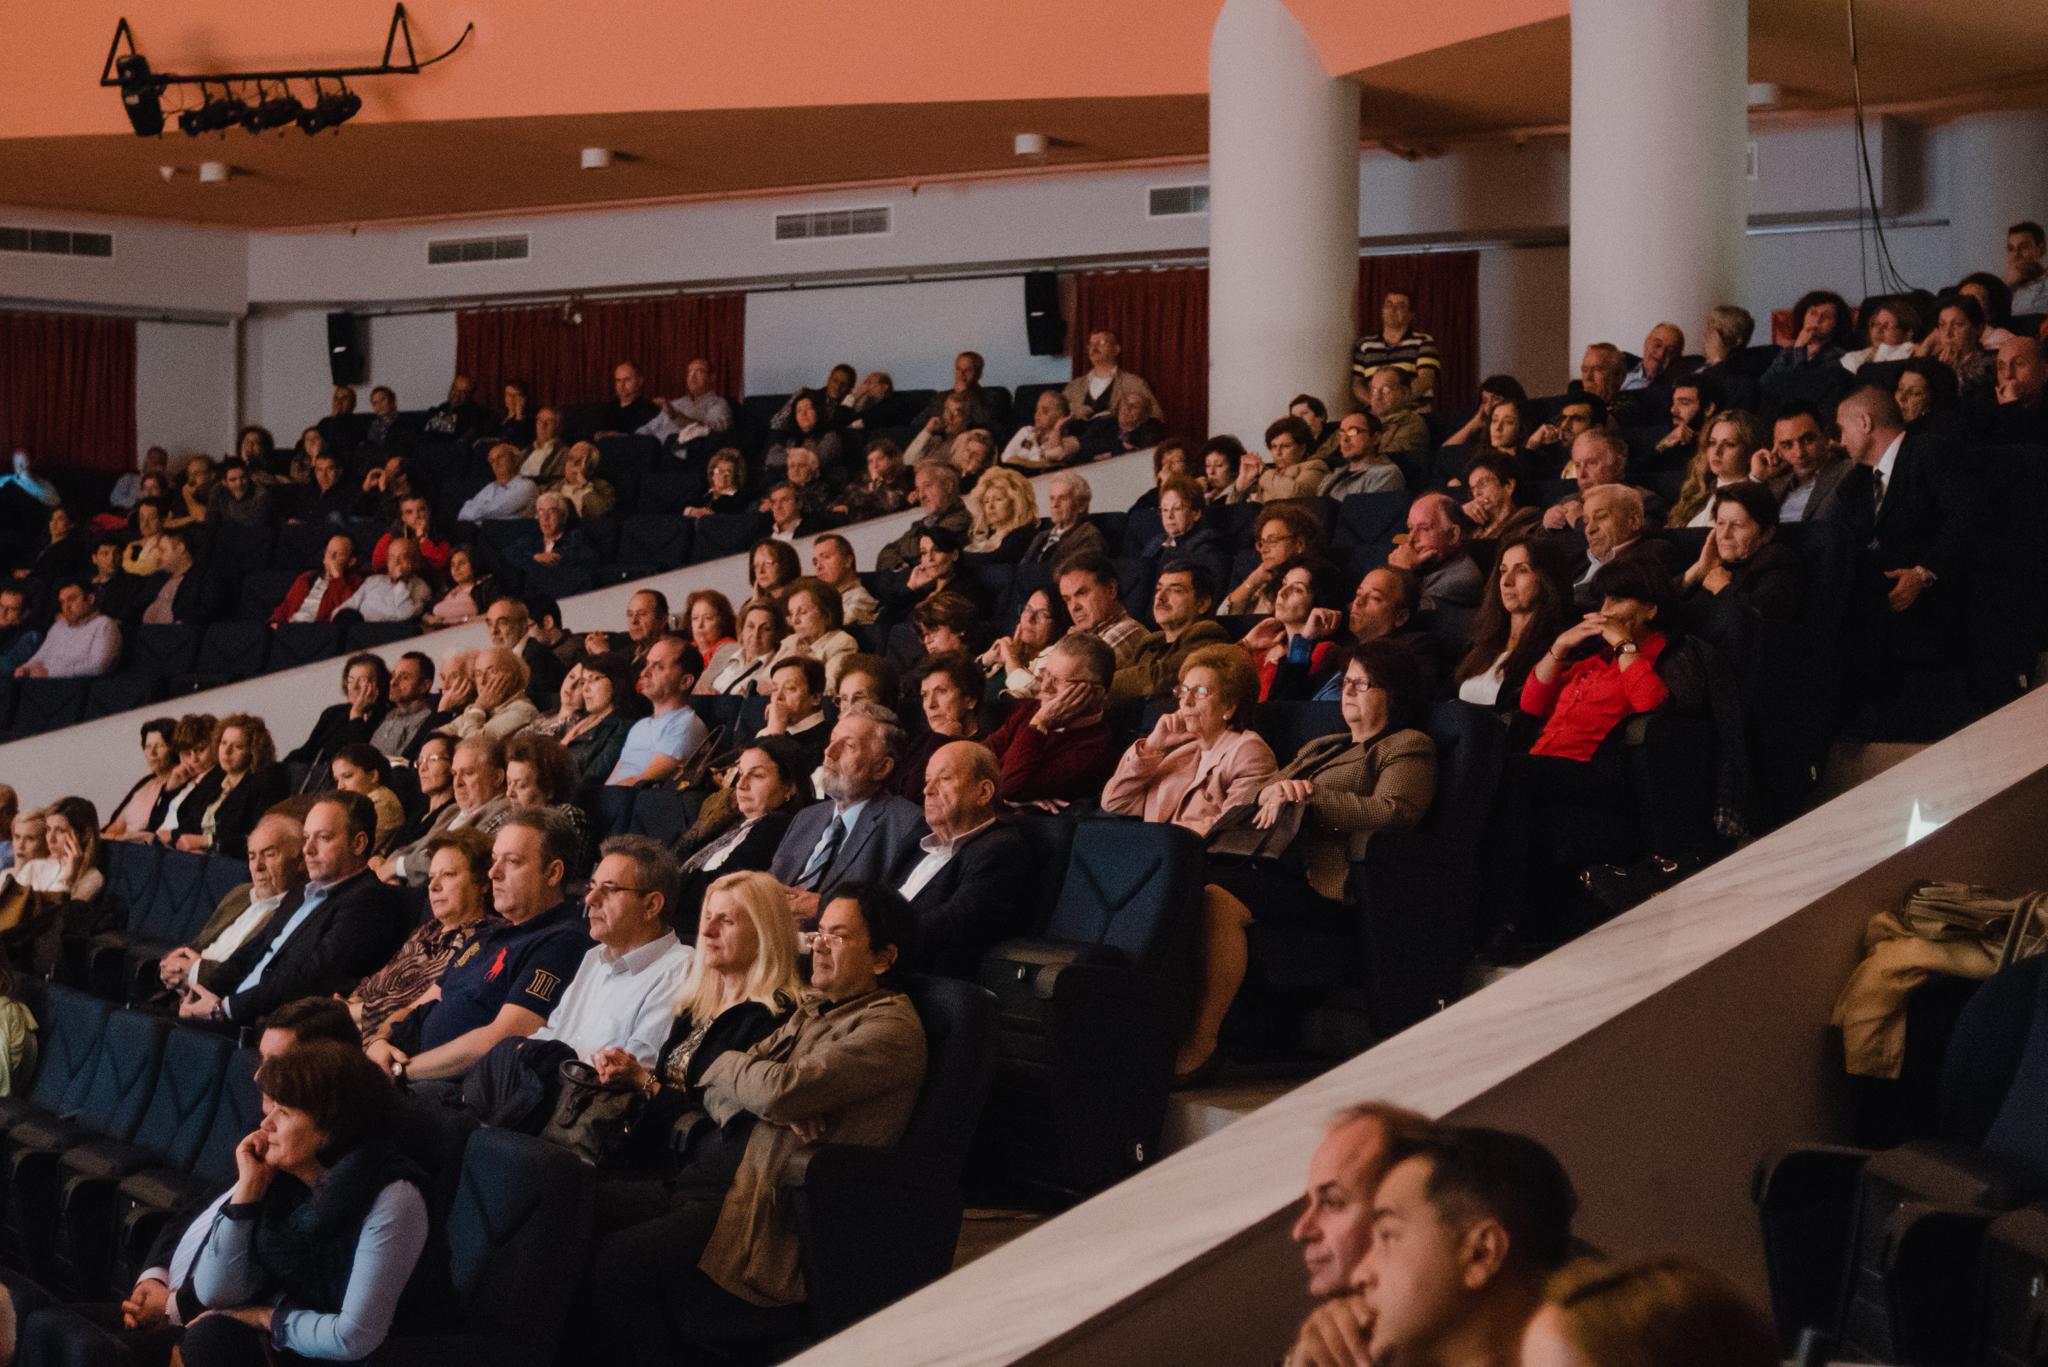 Δελτίο Τύπου Εκδήλωσης για τον Ιωάννη Καποδίστρια στην Πάτρα στις 23-10-16